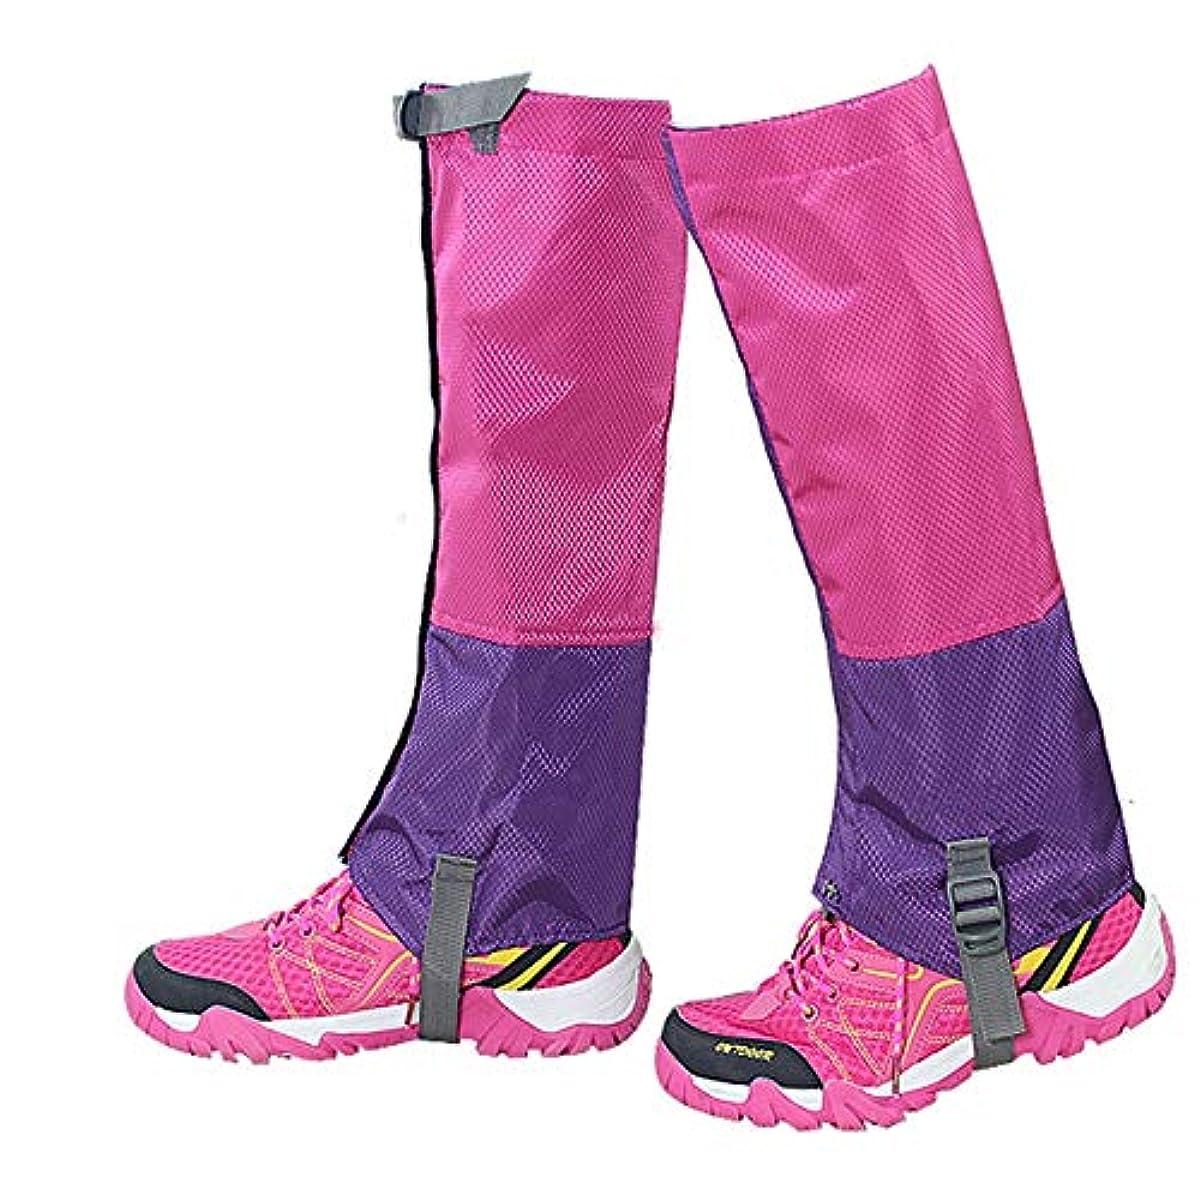 綺麗なはさみ不毛の防風/防風シューカバー ウォータープルーフハイキングガーターズ耐久性のあるレギンスガイター通気性の高いレッグカバーラップ男性用女性マウンテントレッキングスキーウォーキングクライミングハンティング - 1ペア ユニセックス (色 : Rose+purple, サイズ : Large)